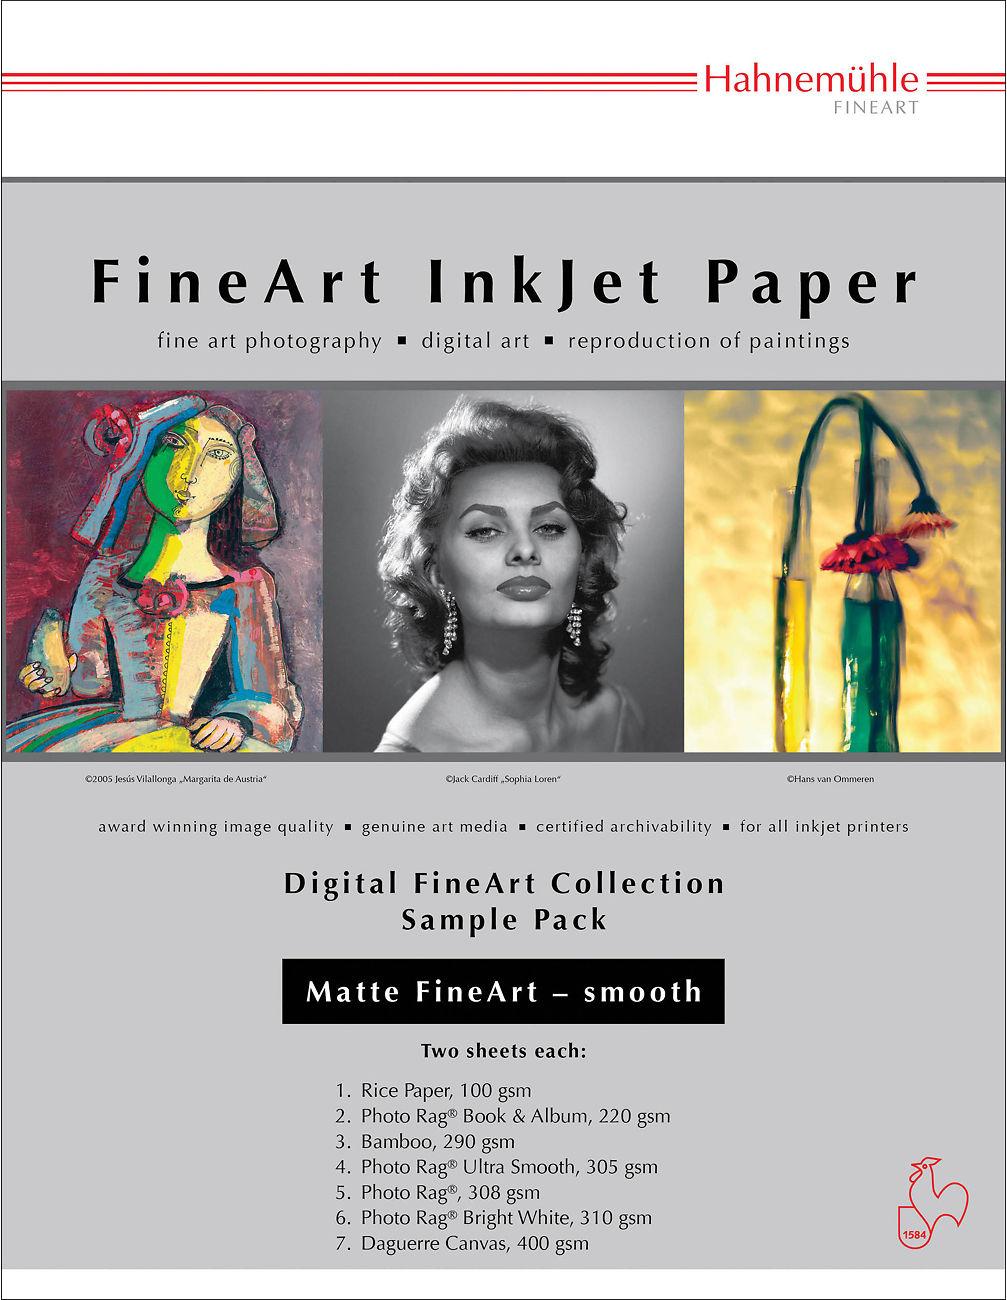 Fine Art Inkjet Paper Sample Packs - Image Science